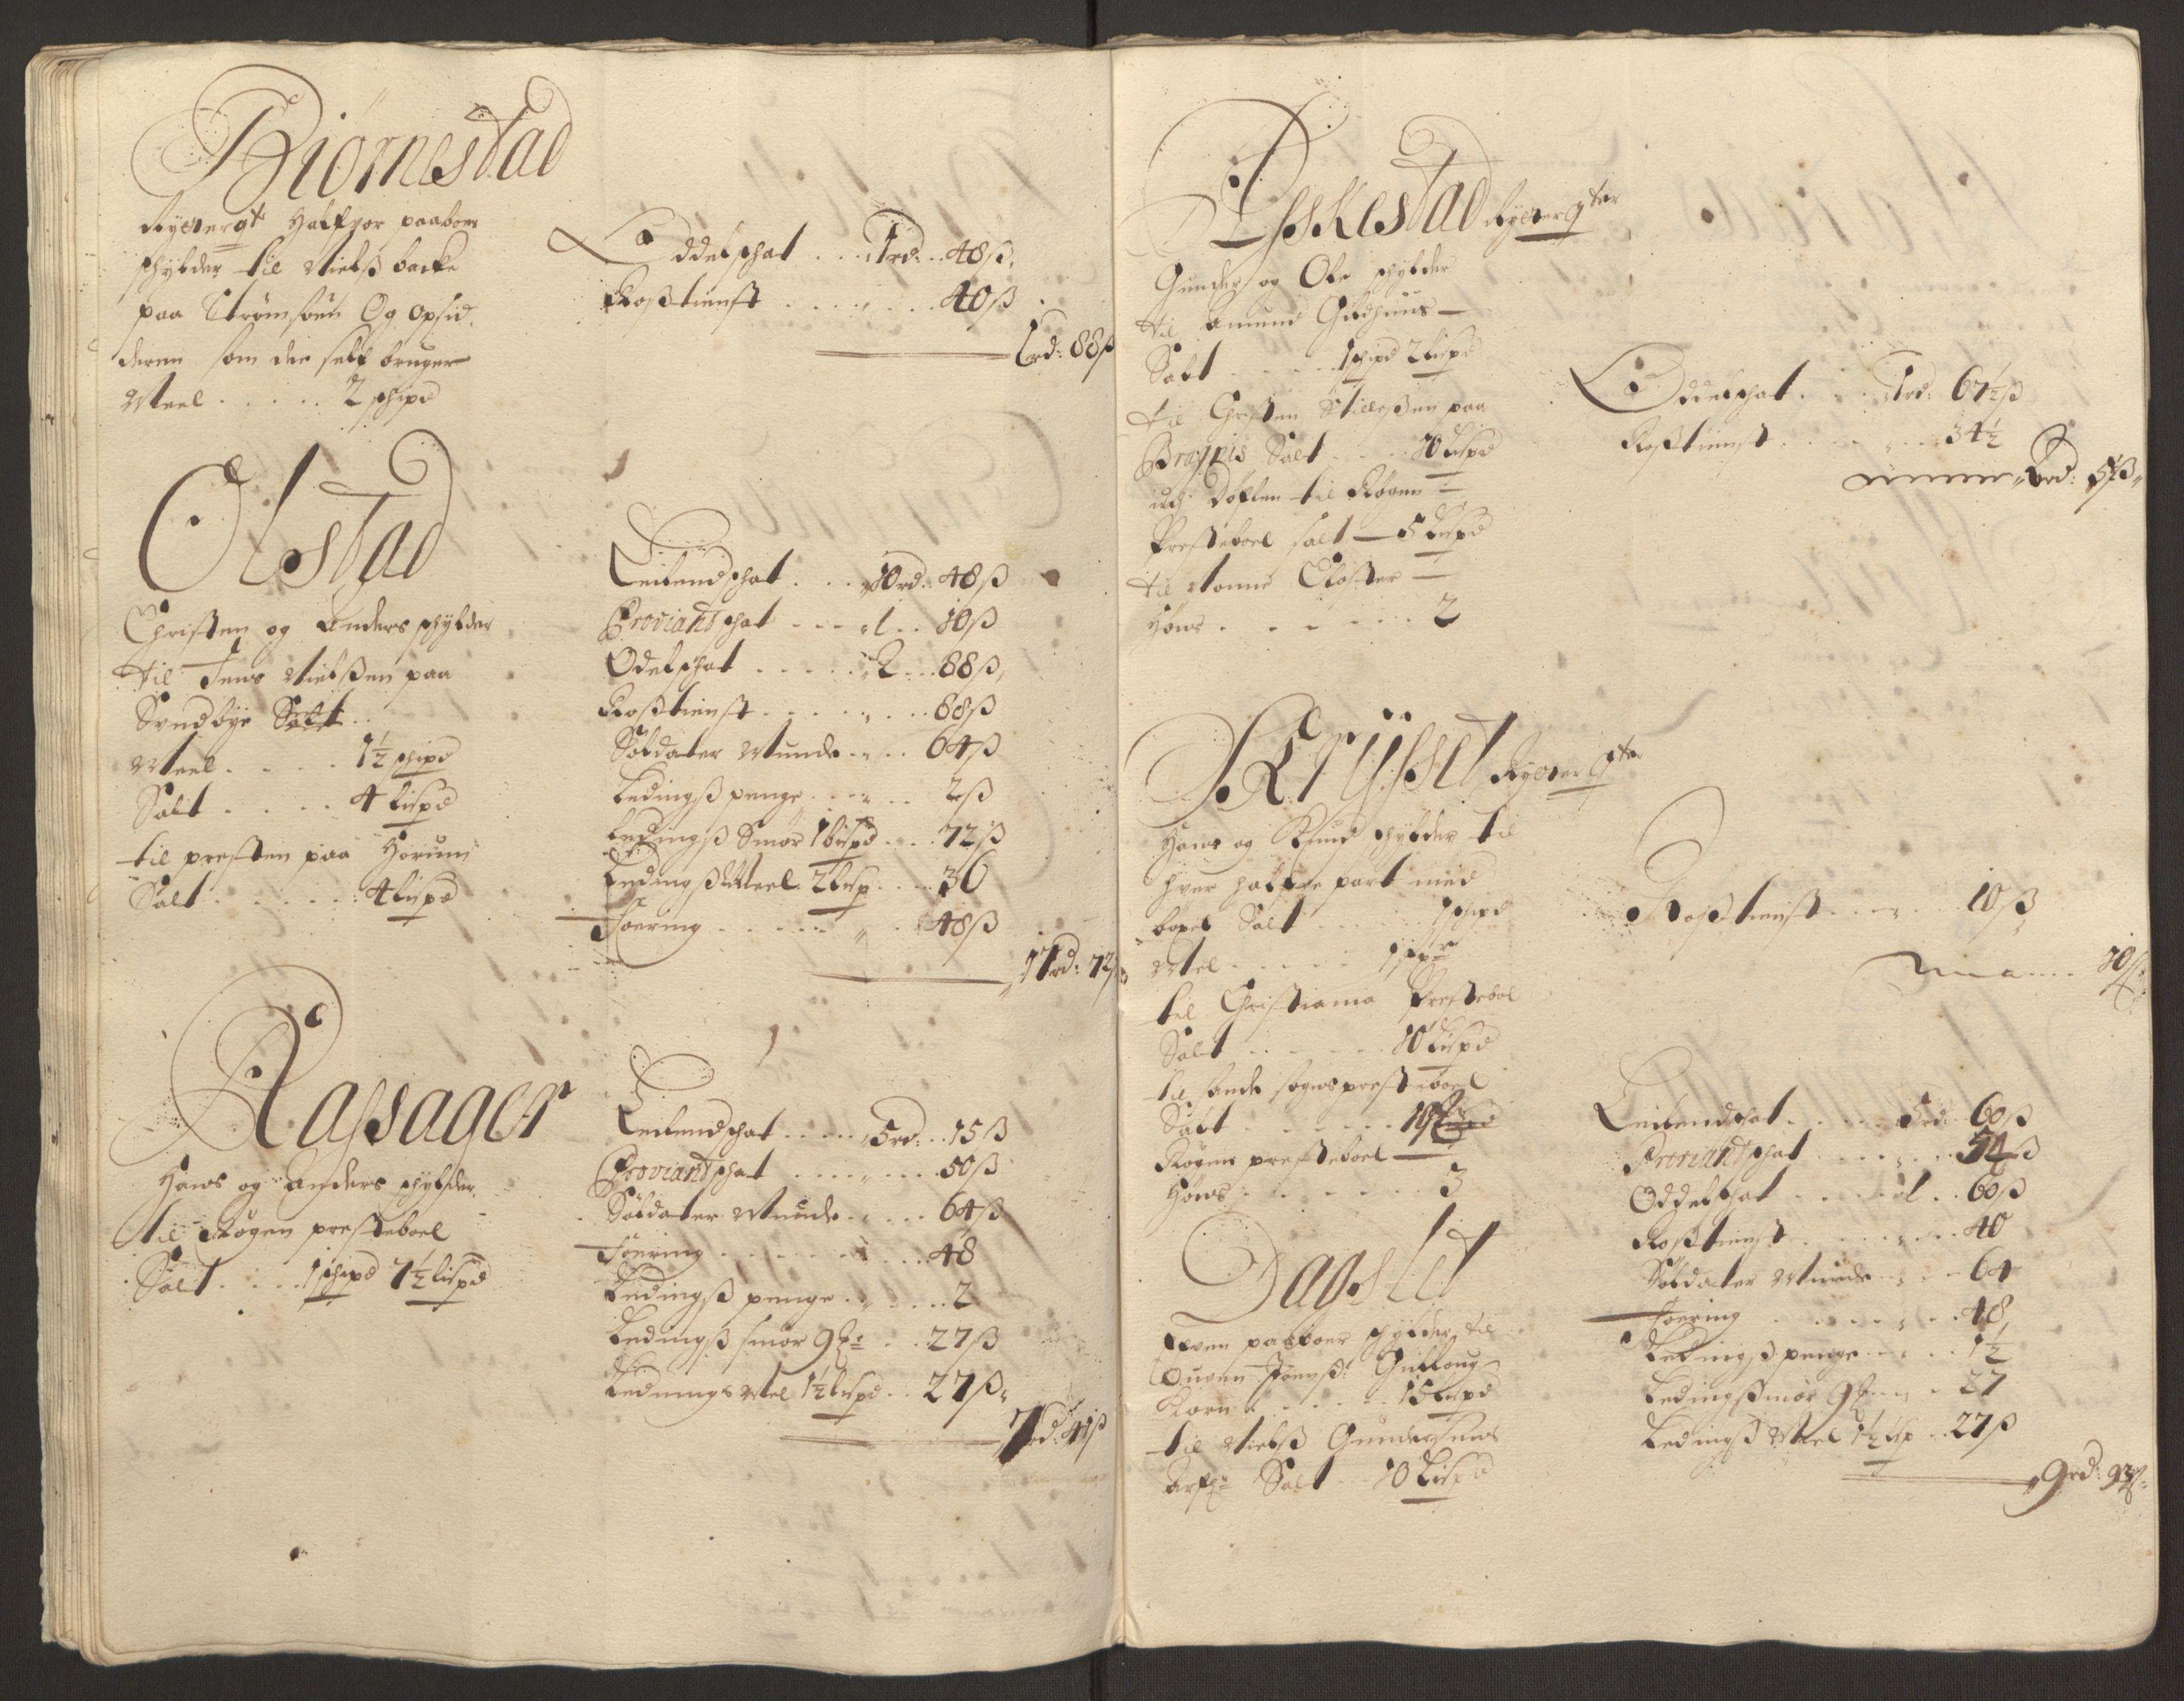 RA, Rentekammeret inntil 1814, Reviderte regnskaper, Fogderegnskap, R30/L1694: Fogderegnskap Hurum, Røyken, Eiker og Lier, 1694-1696, p. 352